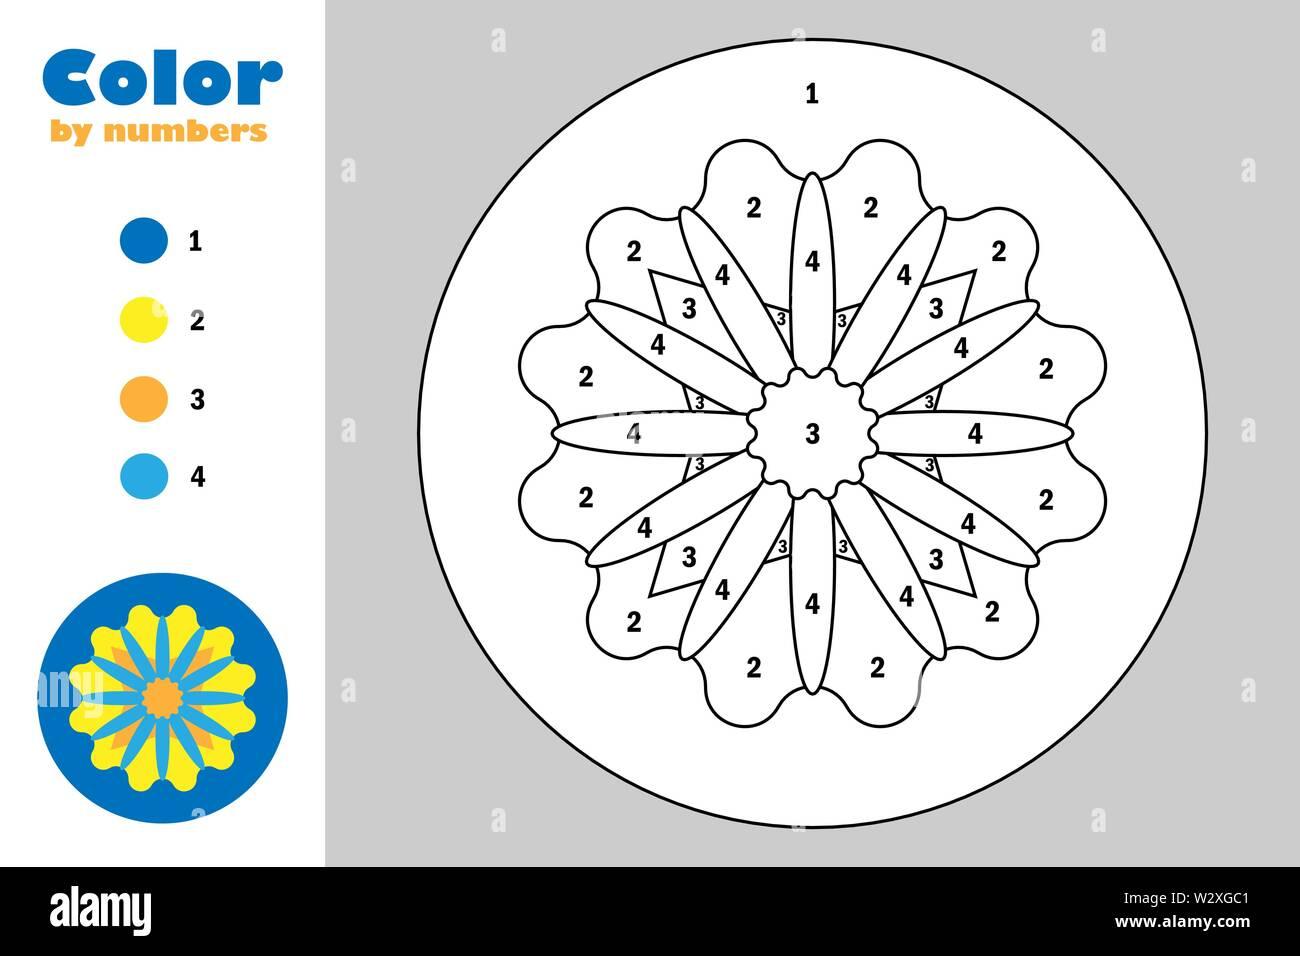 Mandala De Estilo De Dibujos Animados Color Por Numero Papel Del